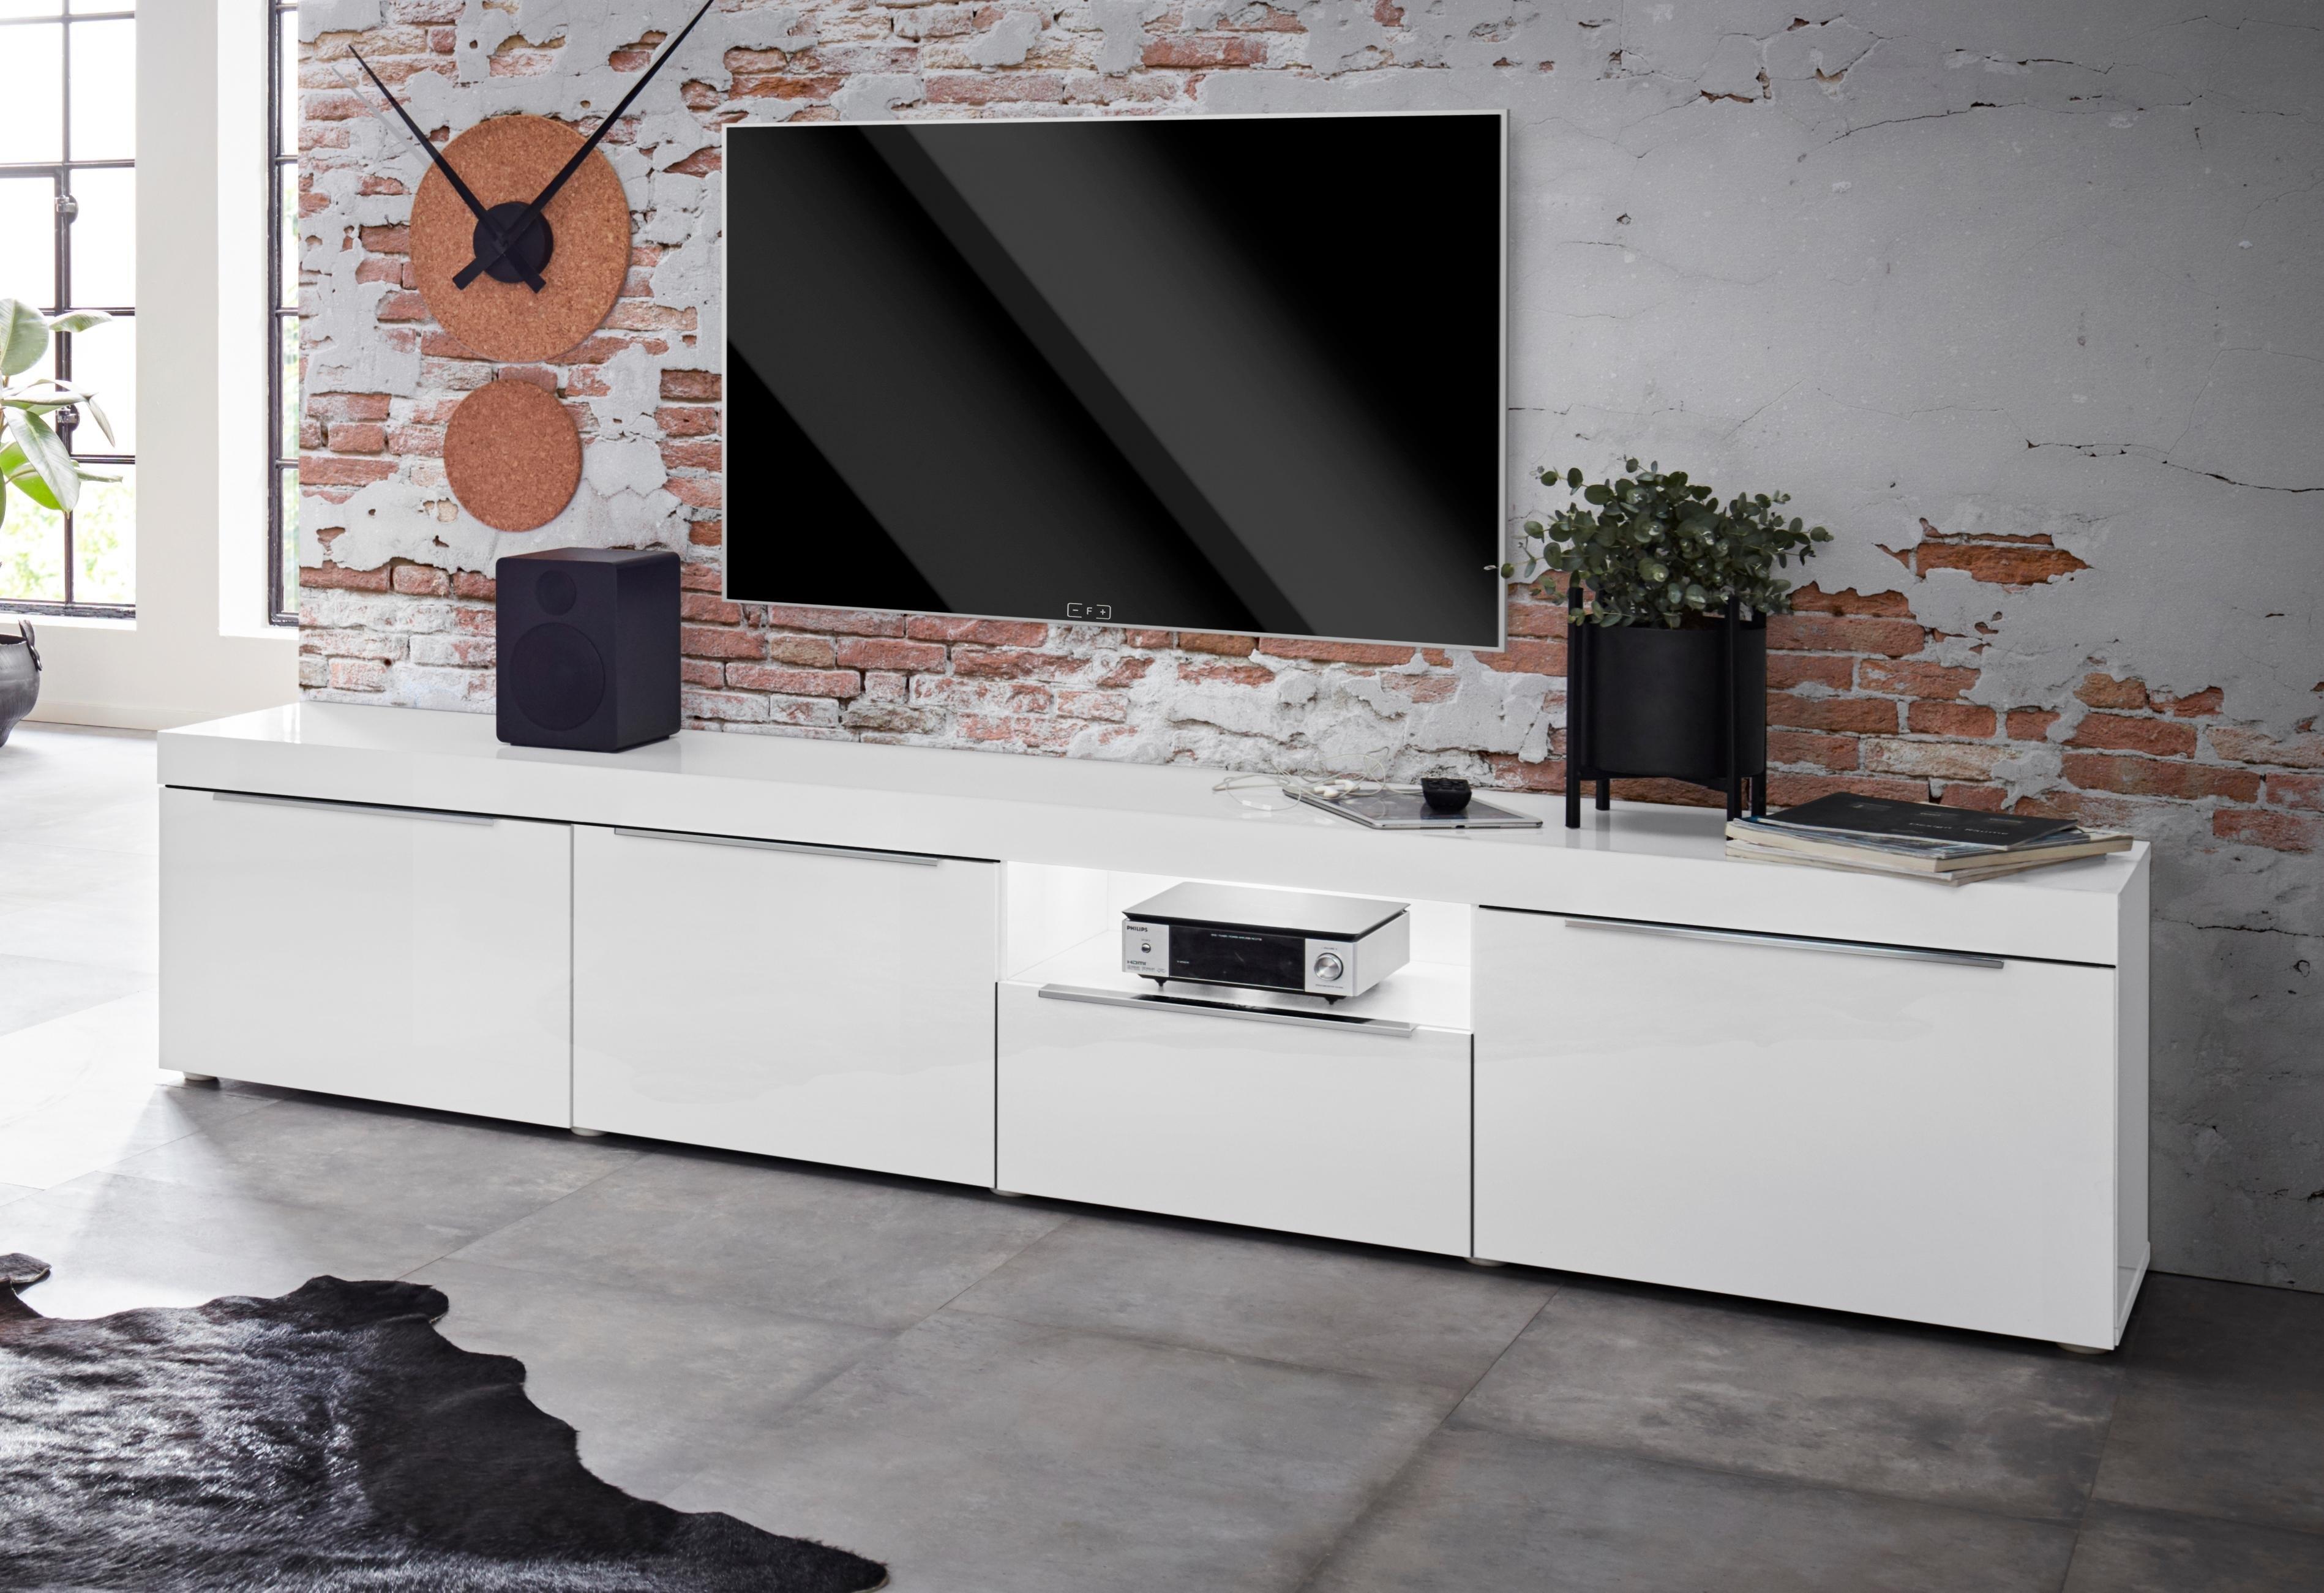 borchardt Möbel tv-meubel Durban Breedte 200 cm - gratis ruilen op otto.nl